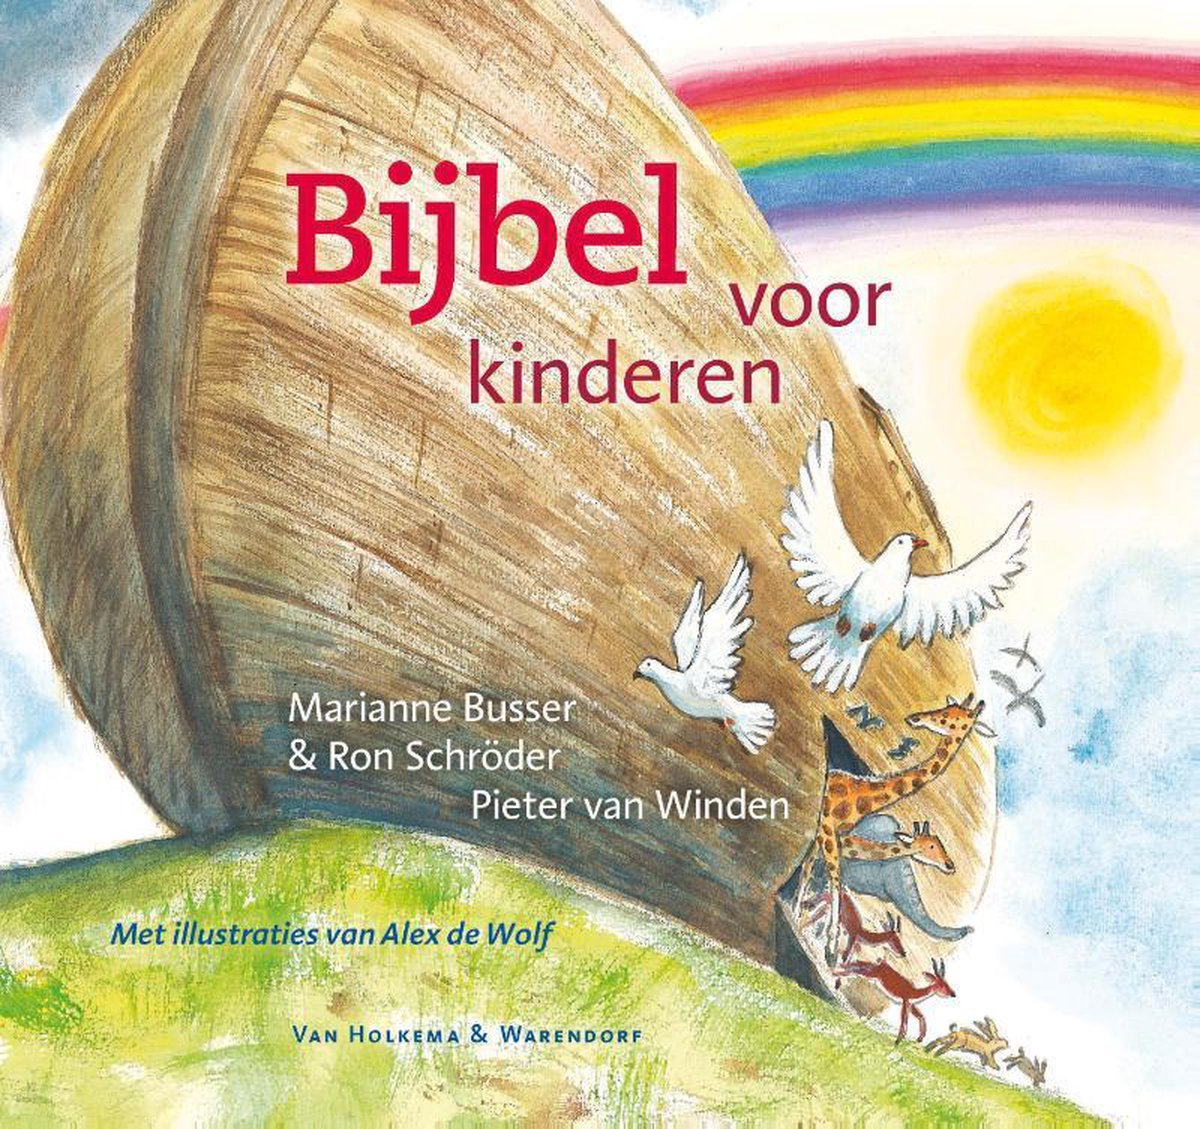 Bijbel voor kinderen - Marianne Busser